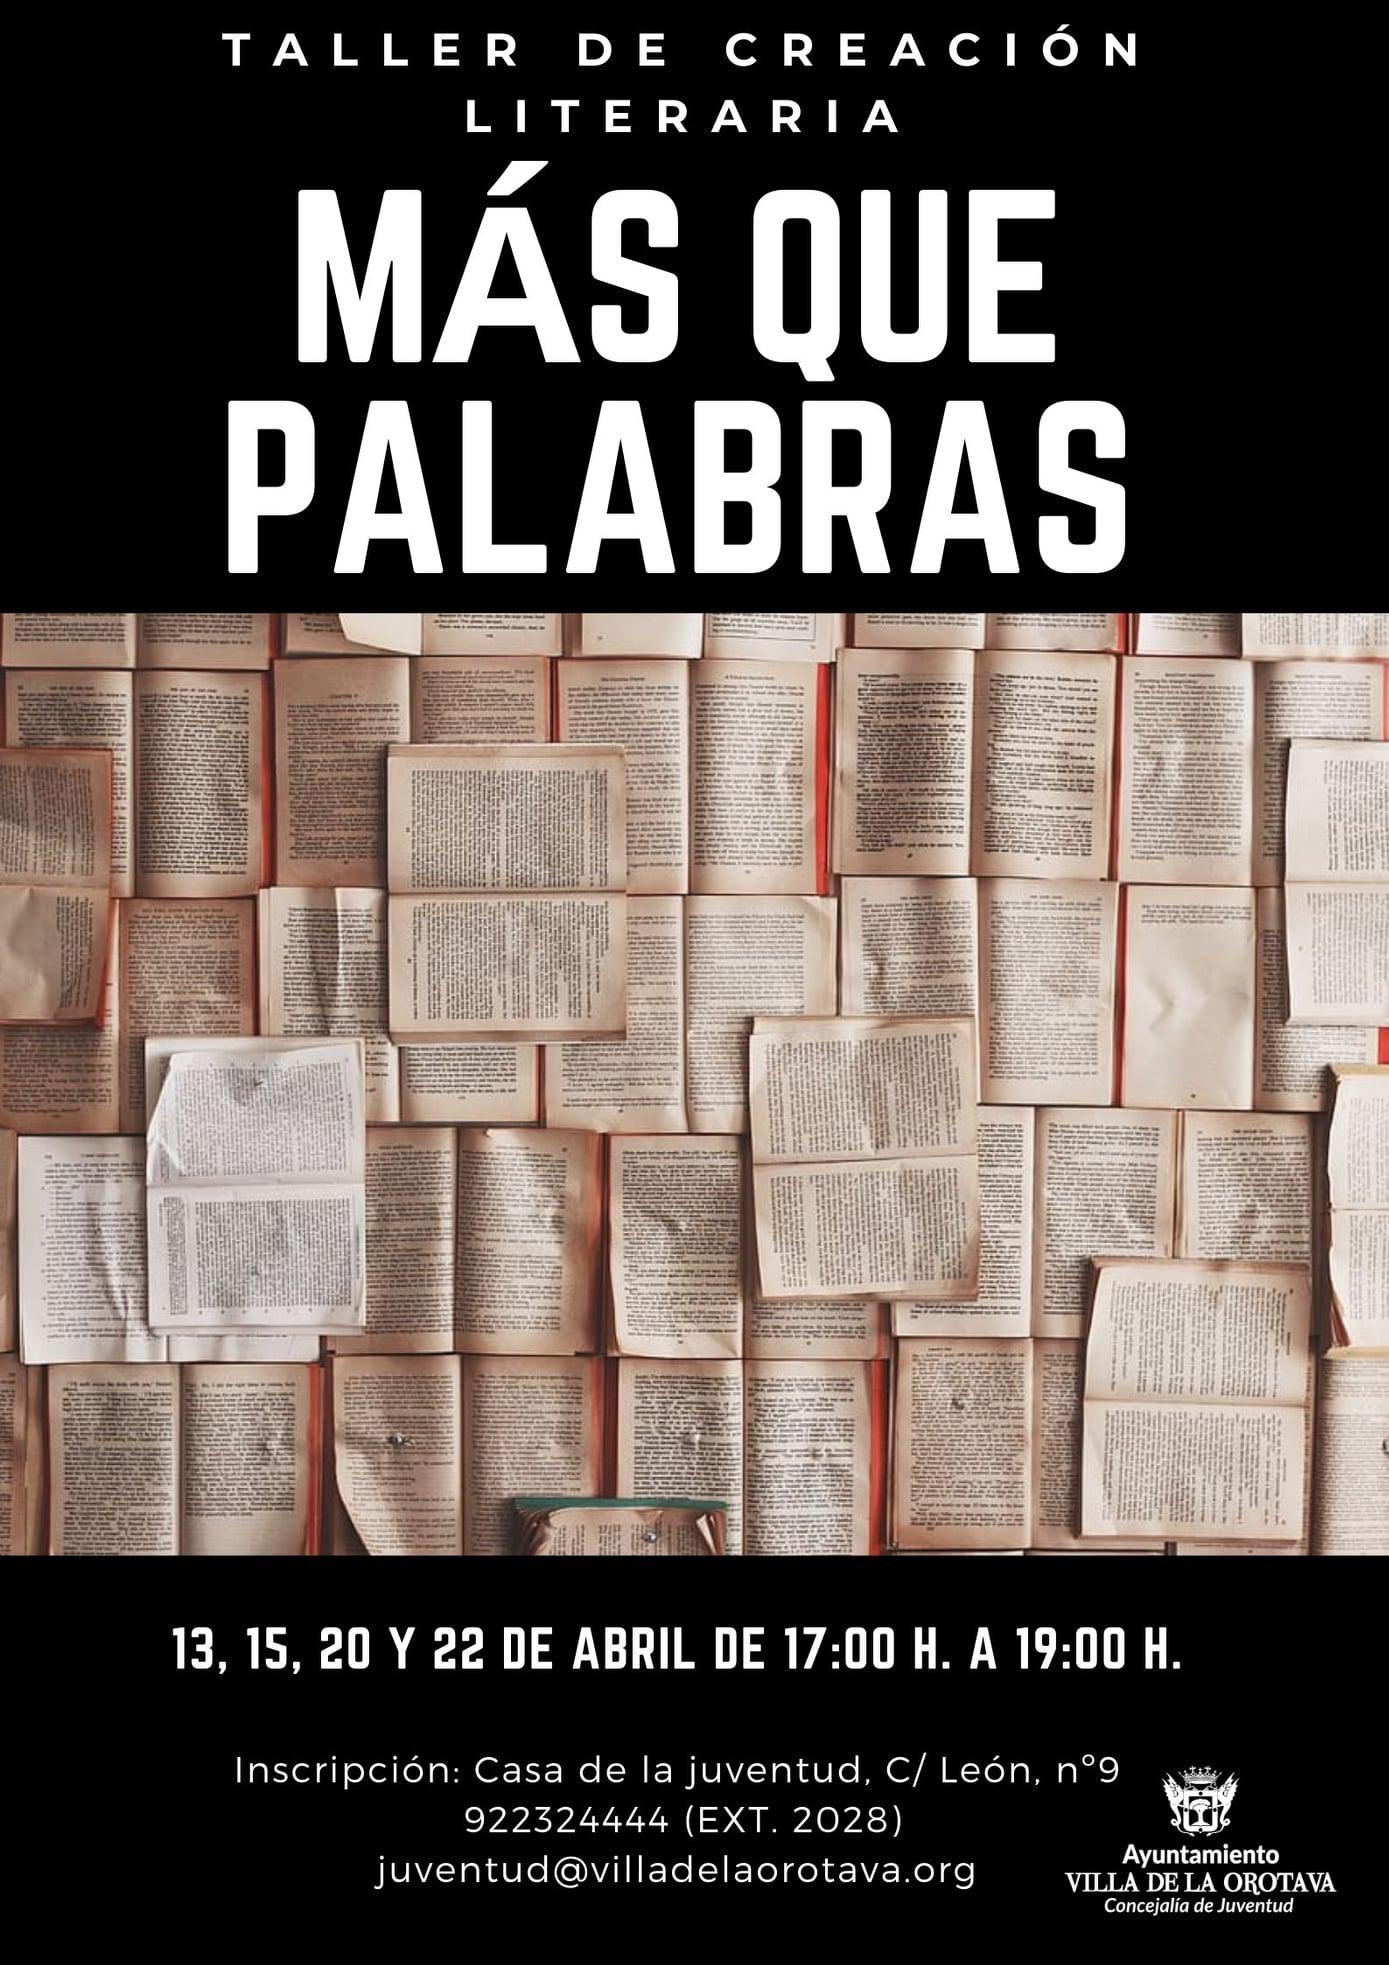 El área que dirige el concejal Darío Afonso organiza esta actividad que tendrá lugar los próximos días 13, 15, 20 y 22 de abril, entre las 17:00 y las 19:00 horas